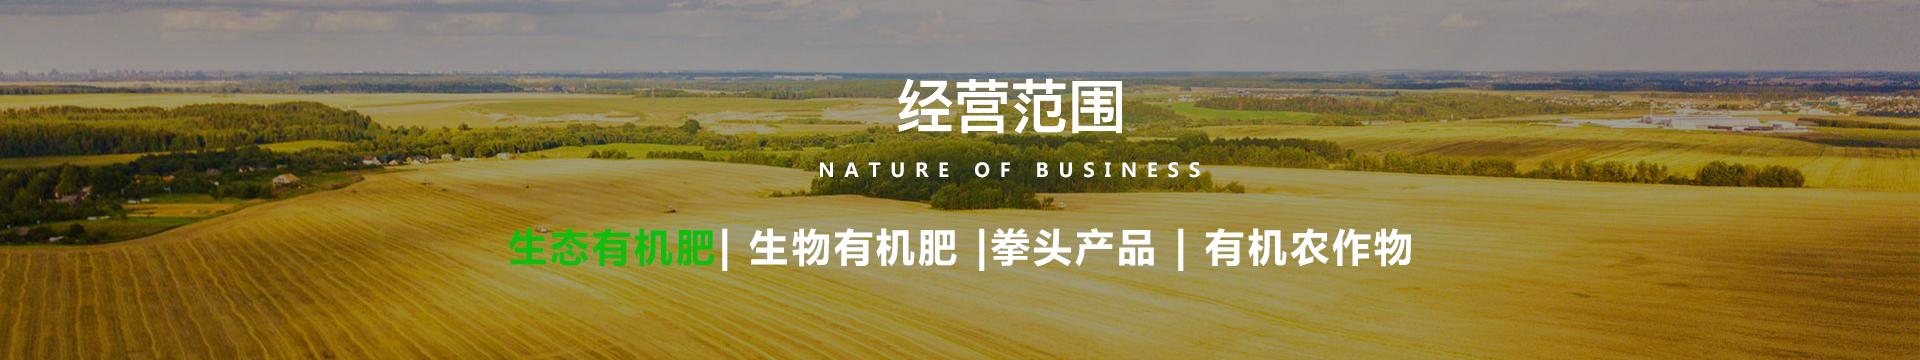 内蒙古有机肥